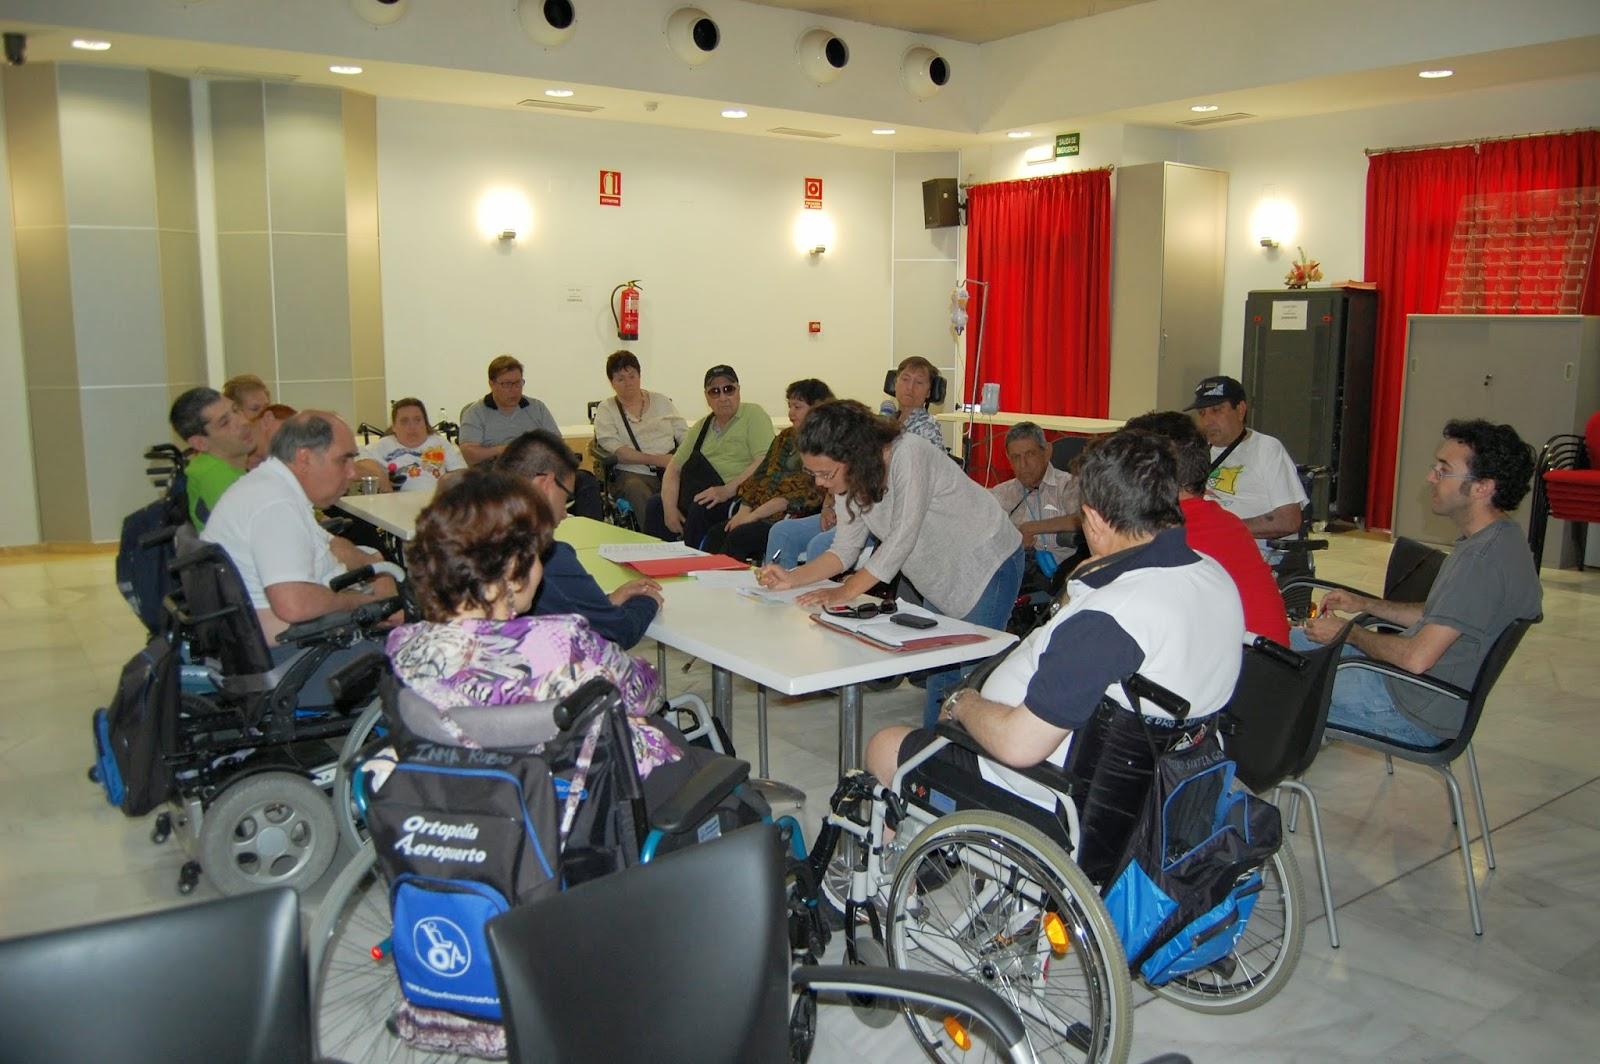 Vista de la sala de reunión con los 17 participantes en torno a una mesa de trabajo